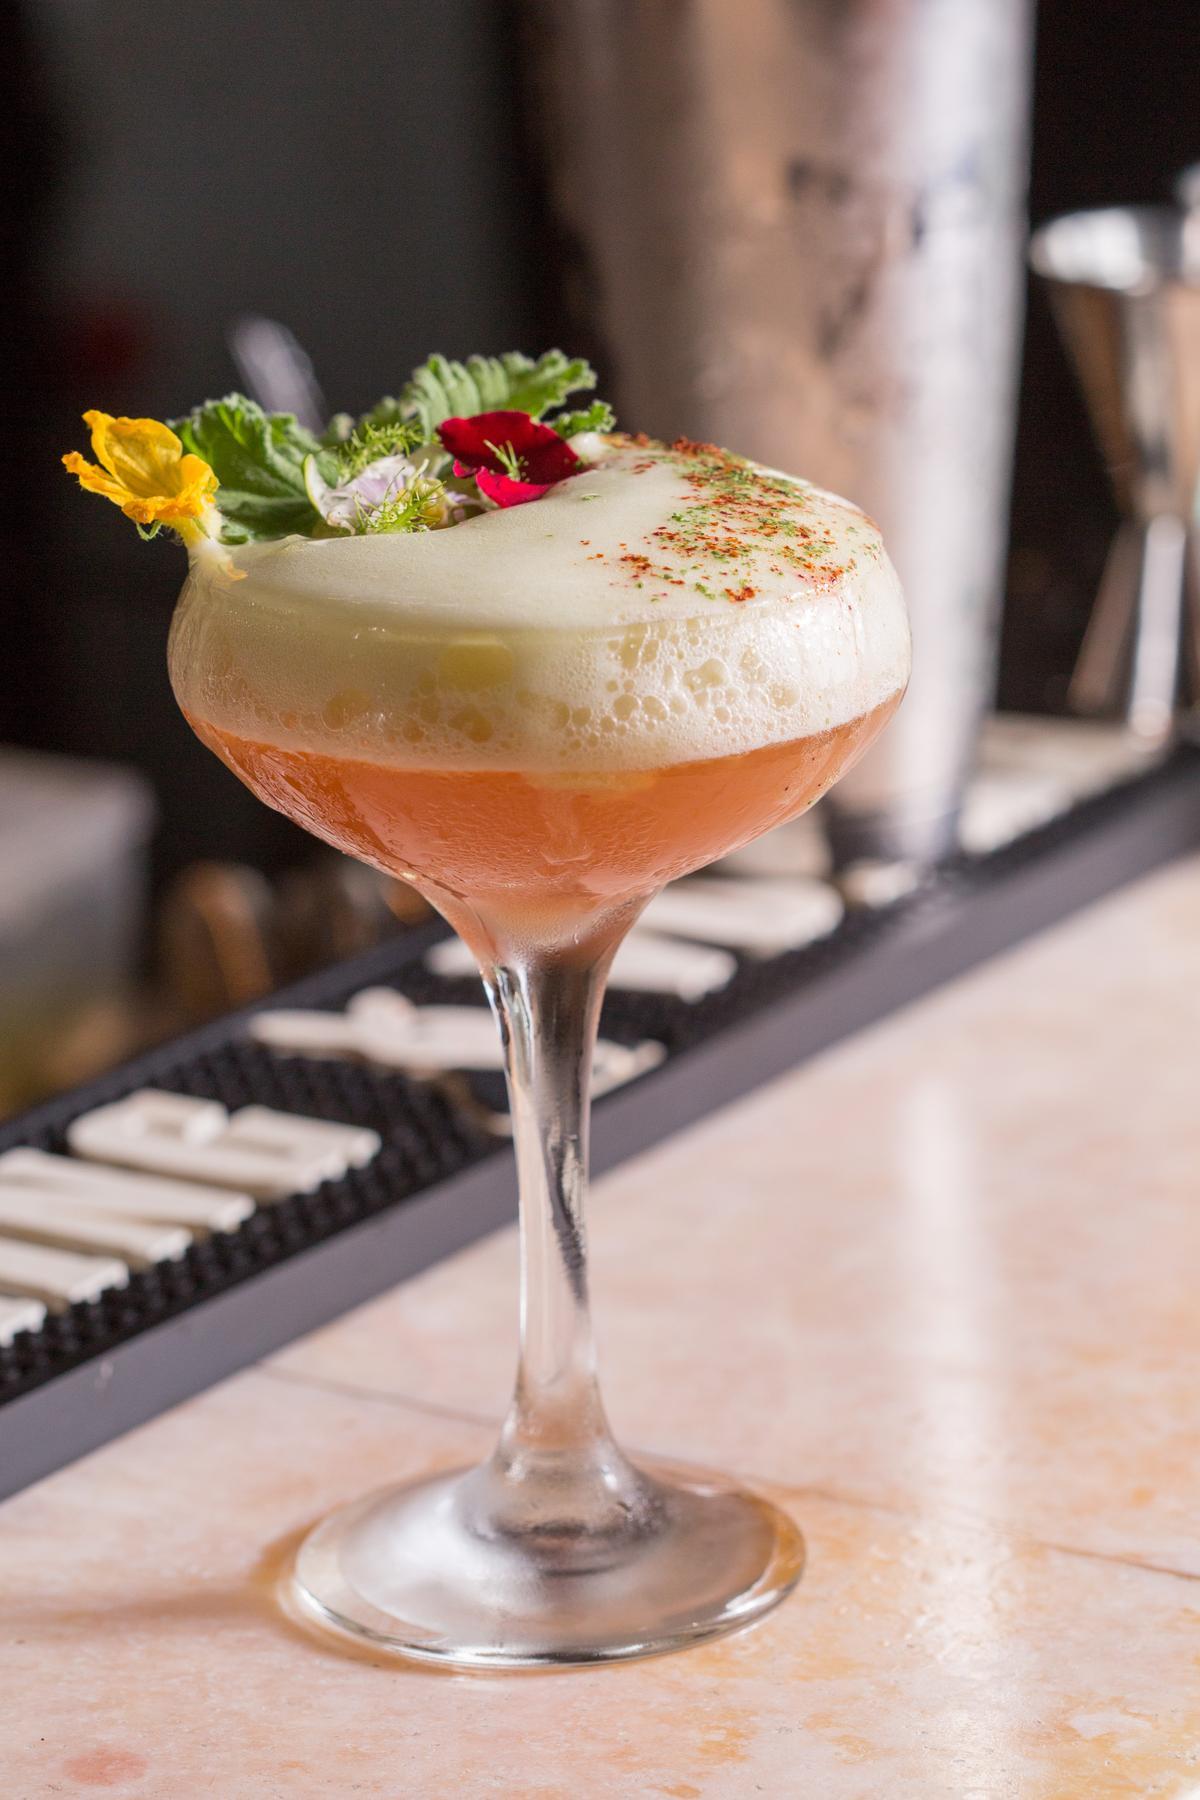 鮮爽氣息揉入玫瑰馨香的「玫塊 黃瓜花」調酒,意圖讓人迷濛在花園間。(350元/杯)